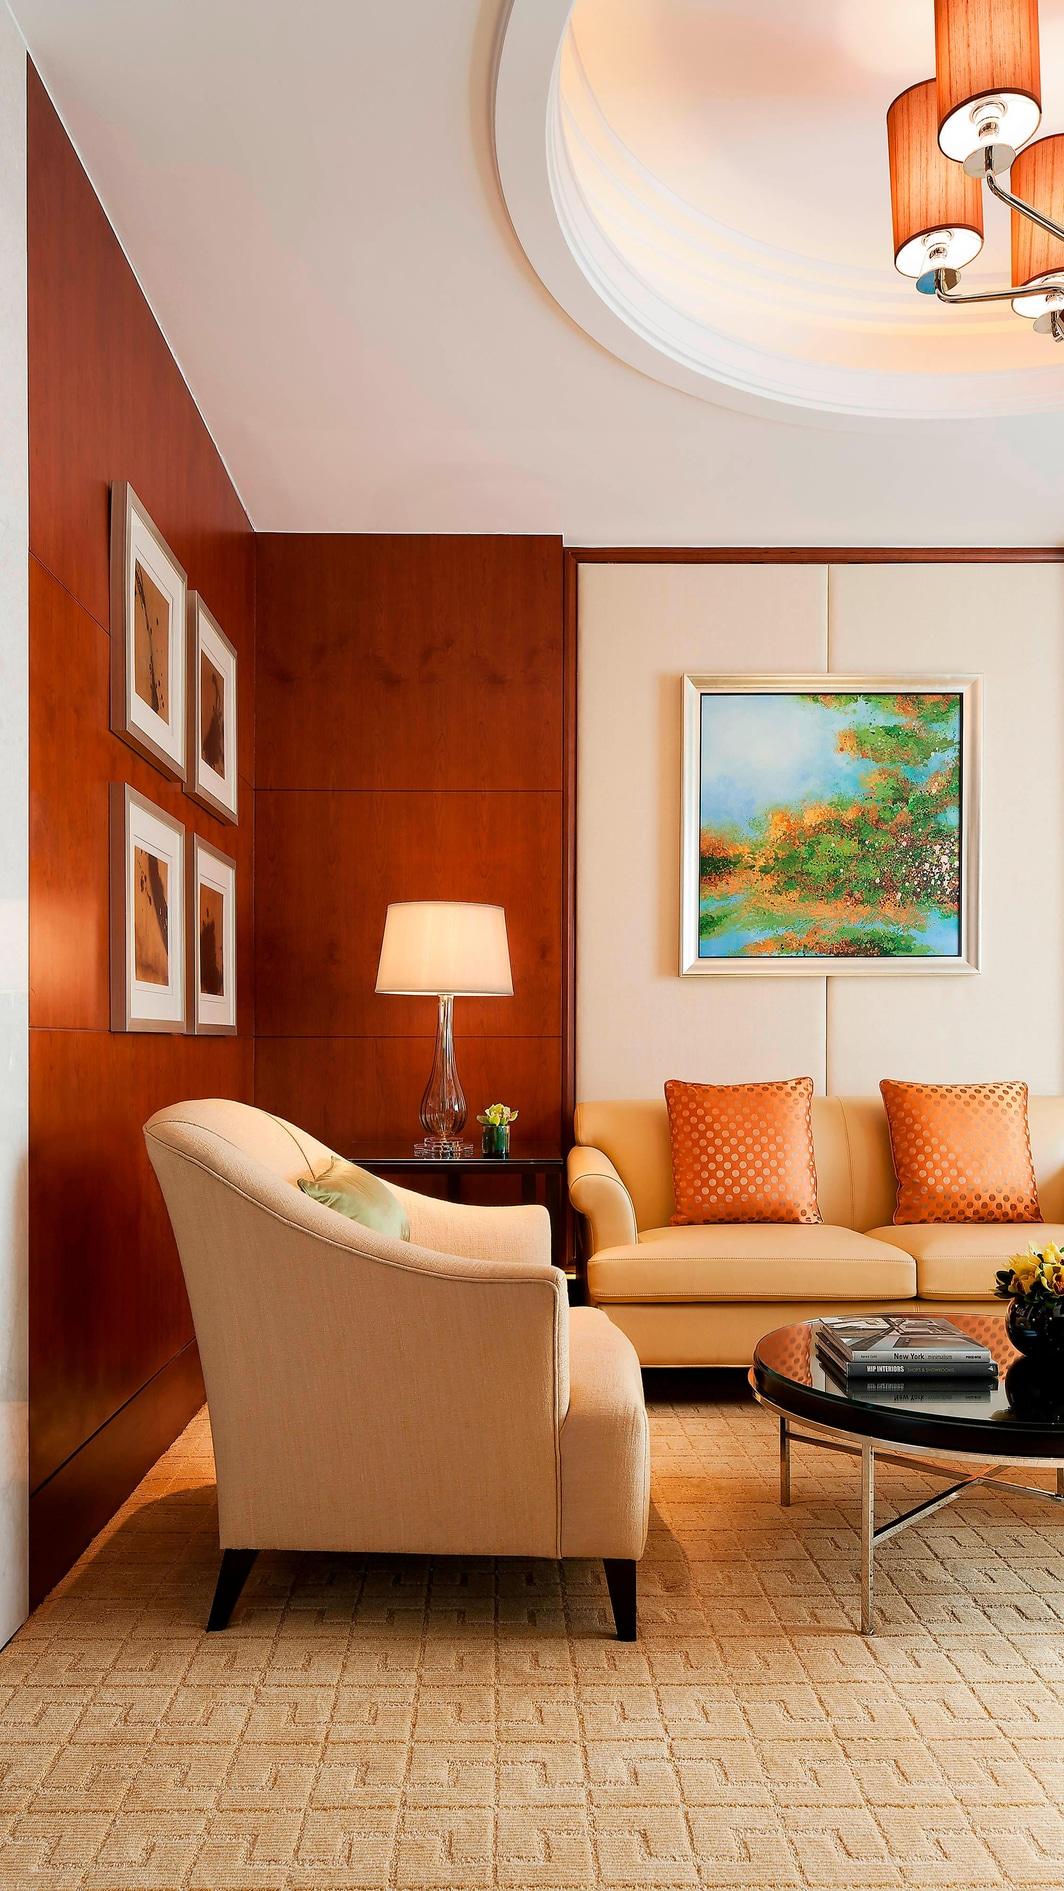 Shanghai hotel suite